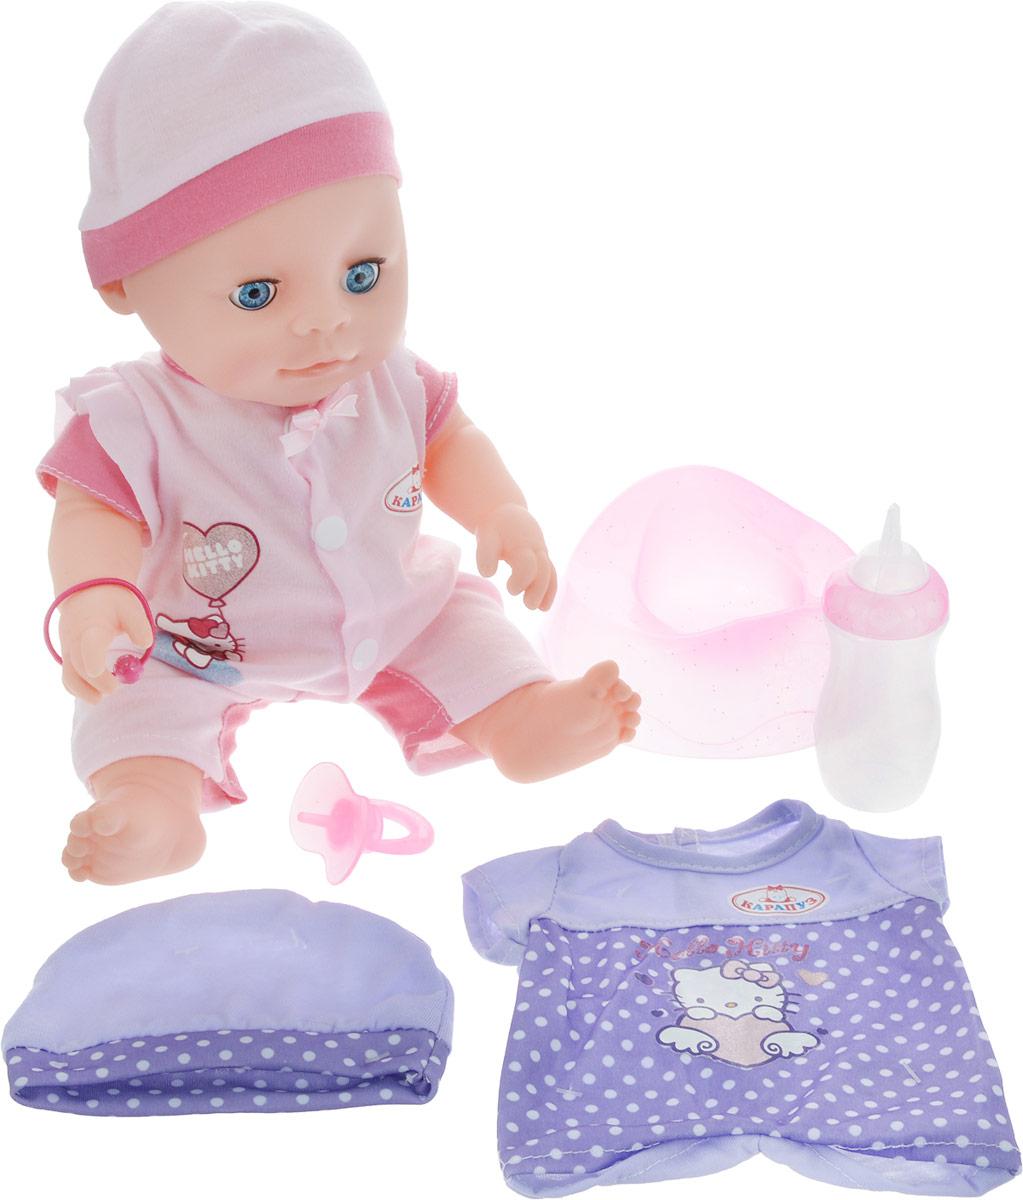 Карапуз Пупс Hello Kitty цвет светло-розовый розовый - Куклы и аксессуары